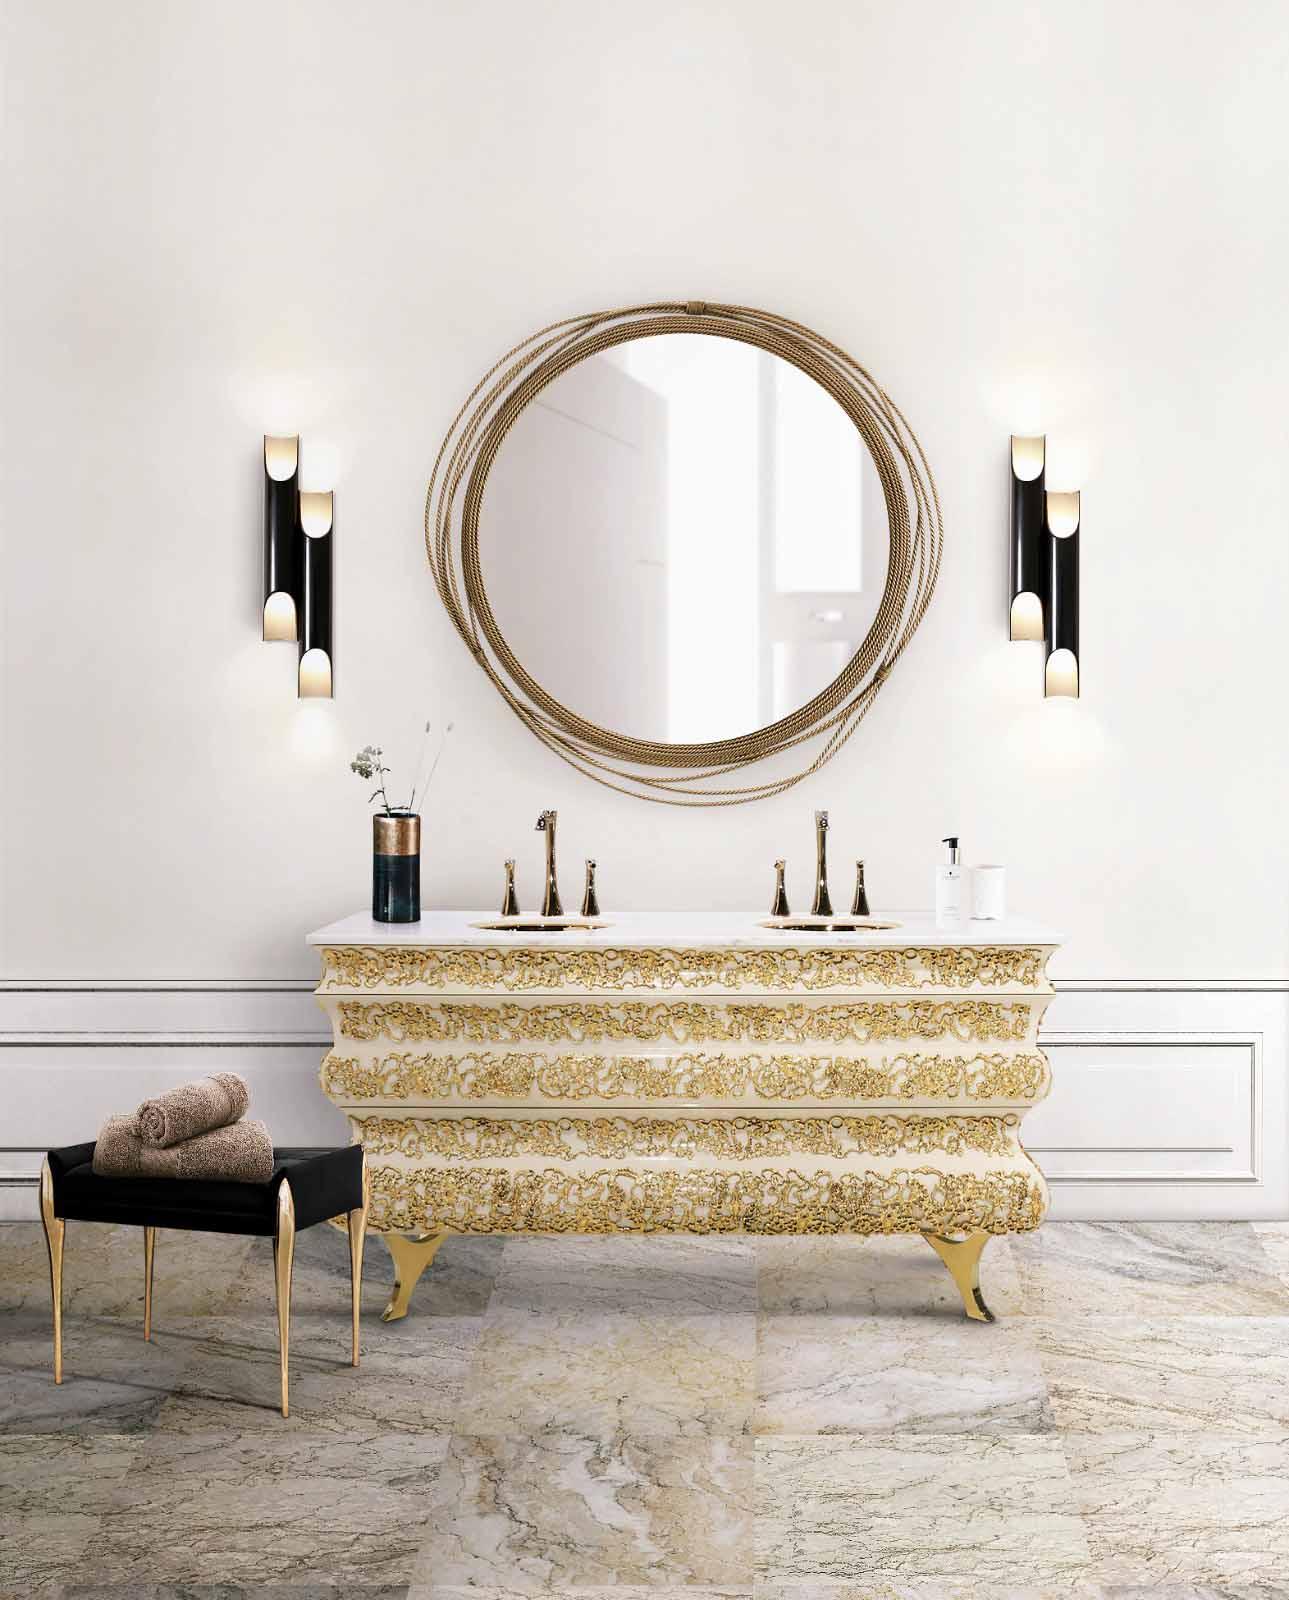 5 Lighting Design Trends for 2020 5 lighting design trends 5 Lighting Design Trends for 2020 17 crochet washbasin galliano wall lamp maison valentina